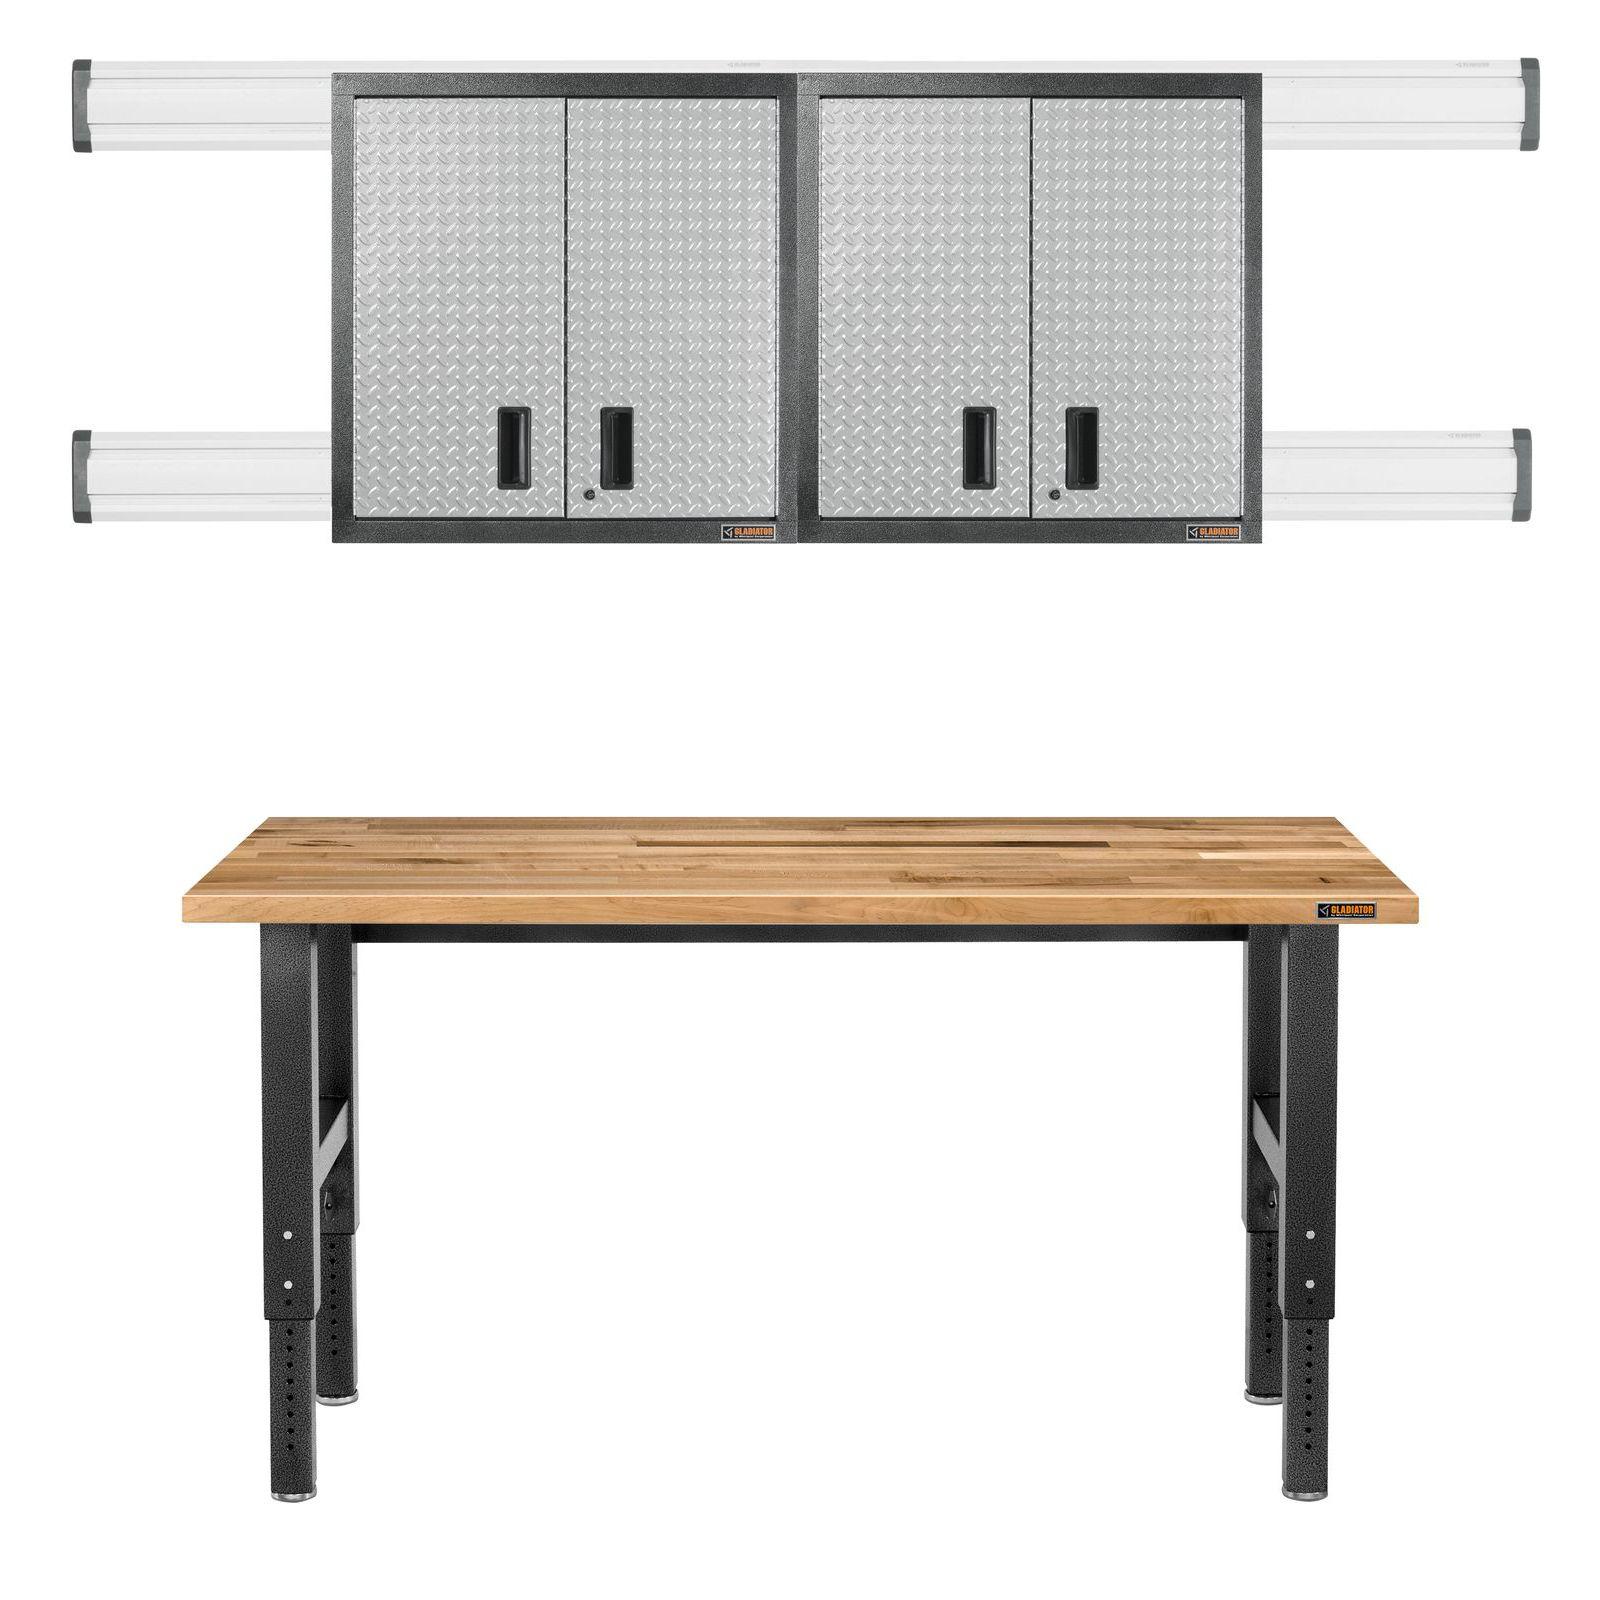 Premier 3-Piece Garage Storage System GAPK06P1DG